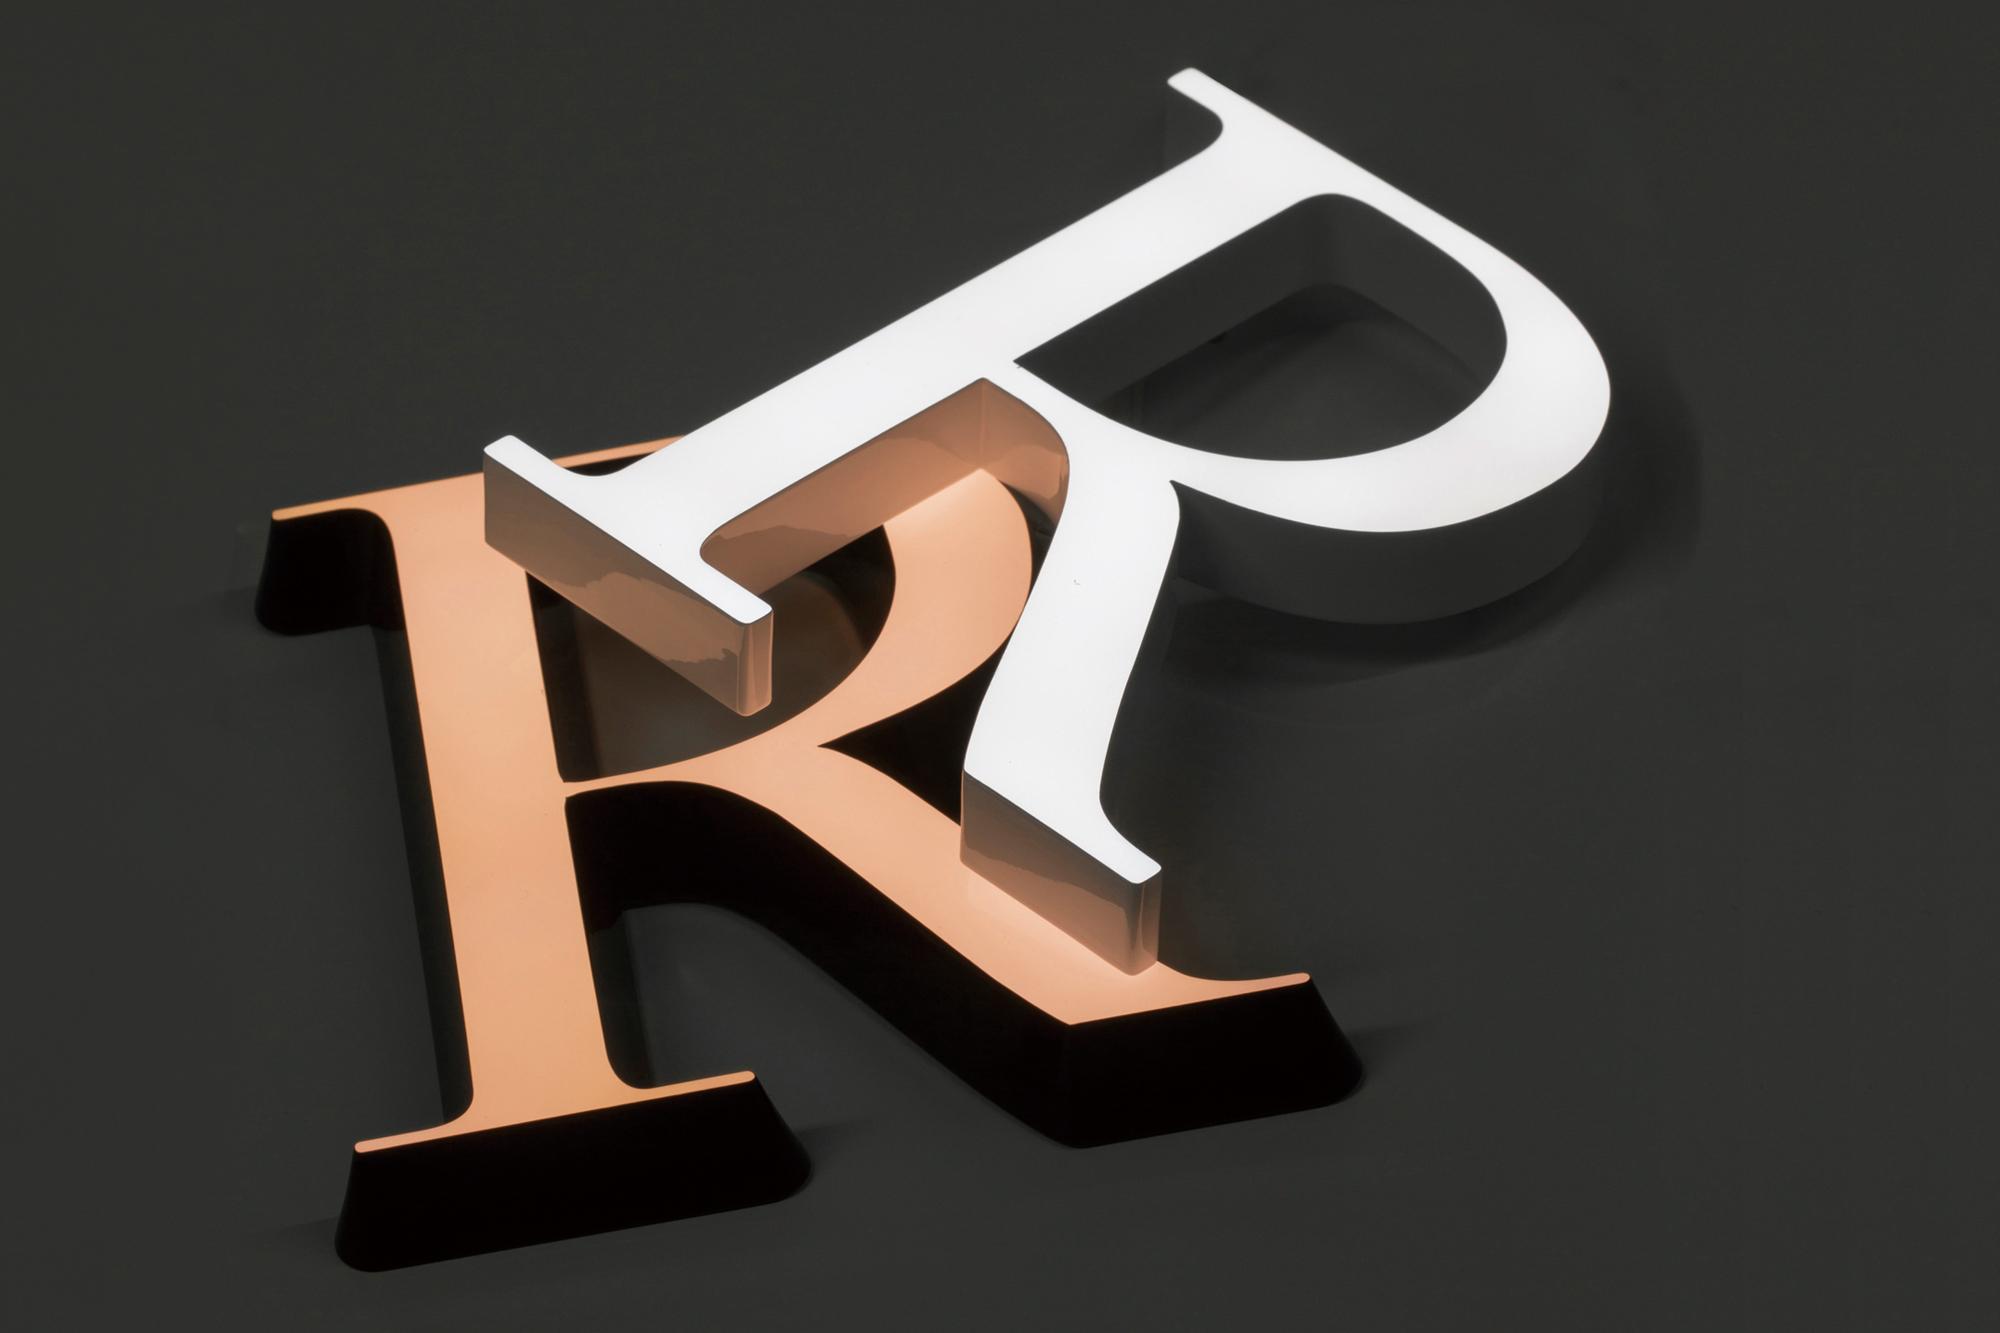 美しいLEDサインのイメージ画像